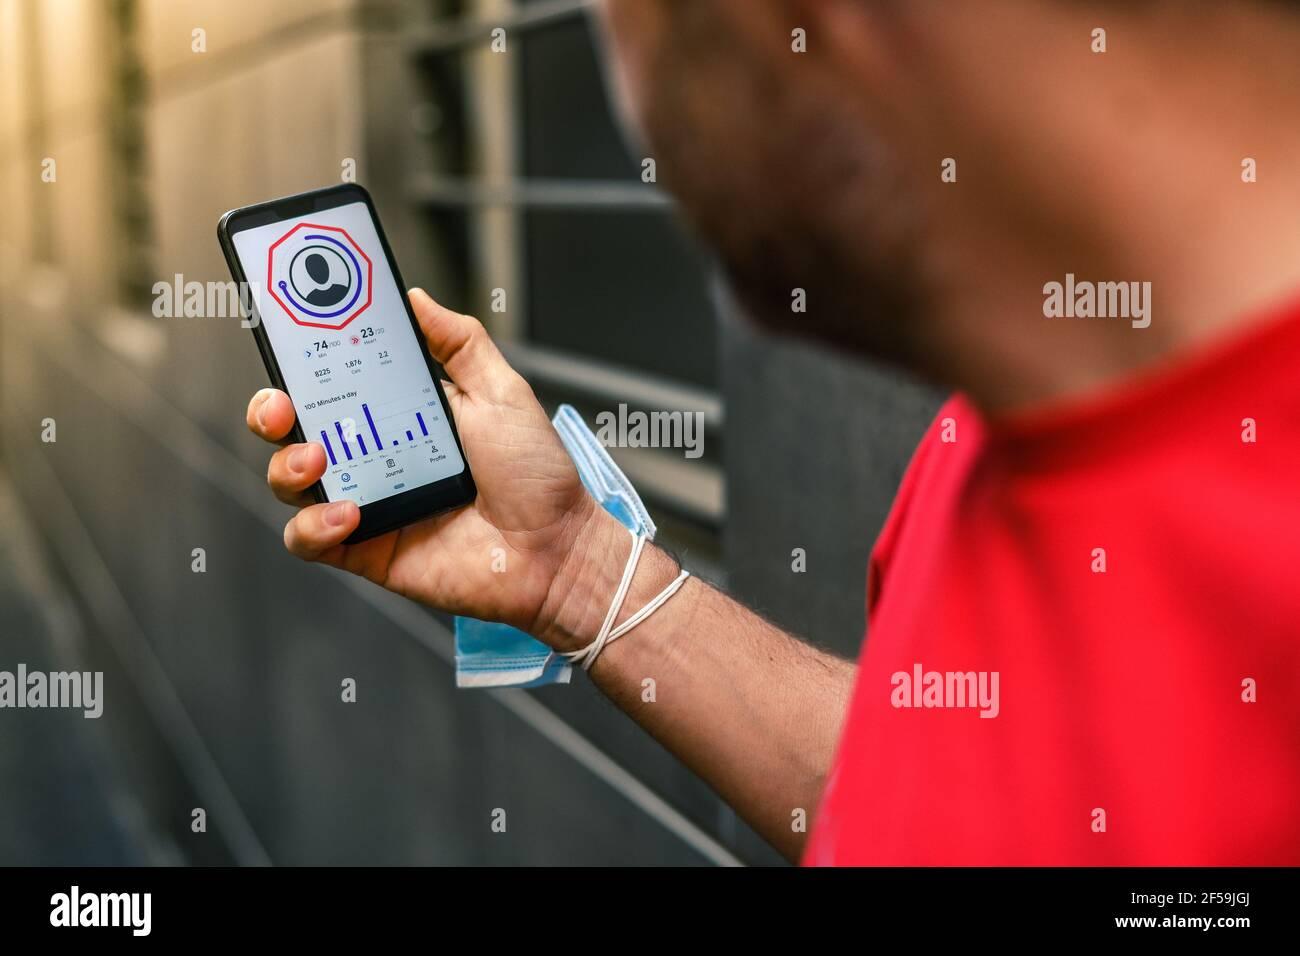 Primer plano de manos masculinas con la aplicación de ejercicio en el smartphone. Hombre descansando después de correr leyendo resultados de carrera. Hombre corriendo con teléfono móvil conectado a un sm Foto de stock